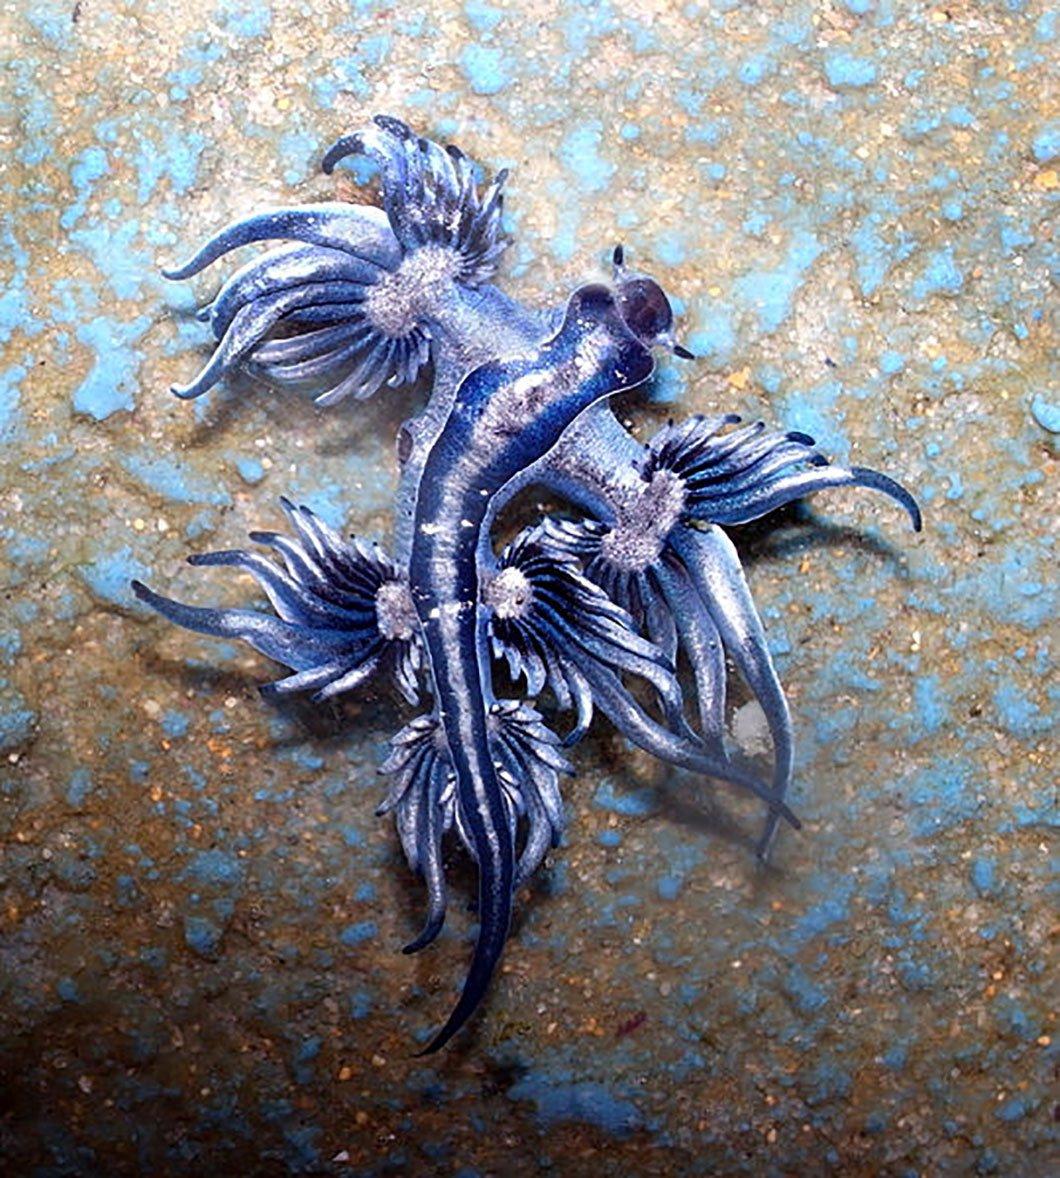 Dragon Bleu Animal découvrez le dragon bleu des mers, cet étrange animal qui semble